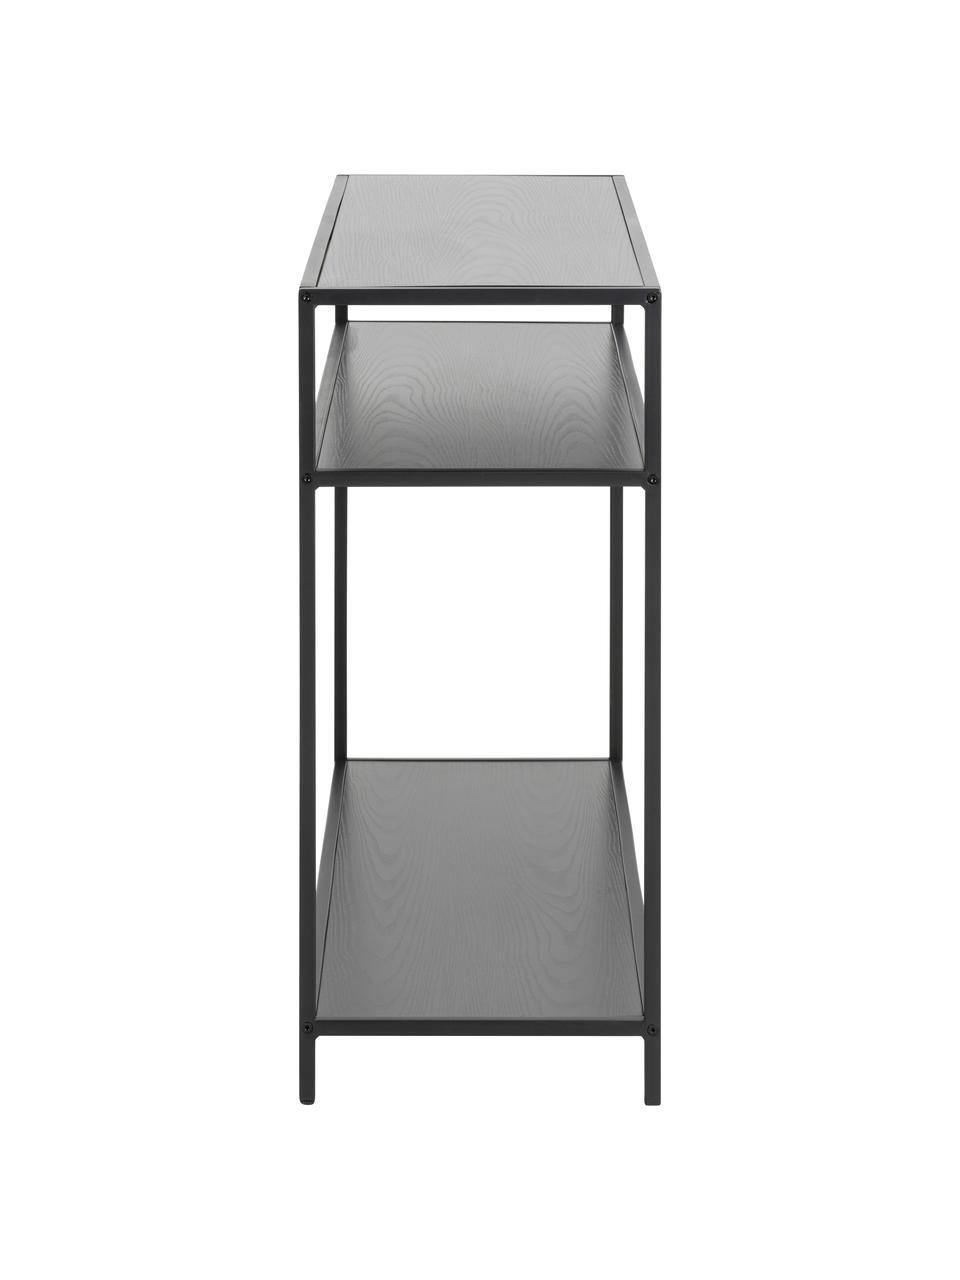 Konsole Seaford aus Holz und Metall, Einlegeböden: Mitteldichte Holzfaserpla, Gestell: Metall, pulverbeschichtet, Schwarz, B 100 x T 35 cm